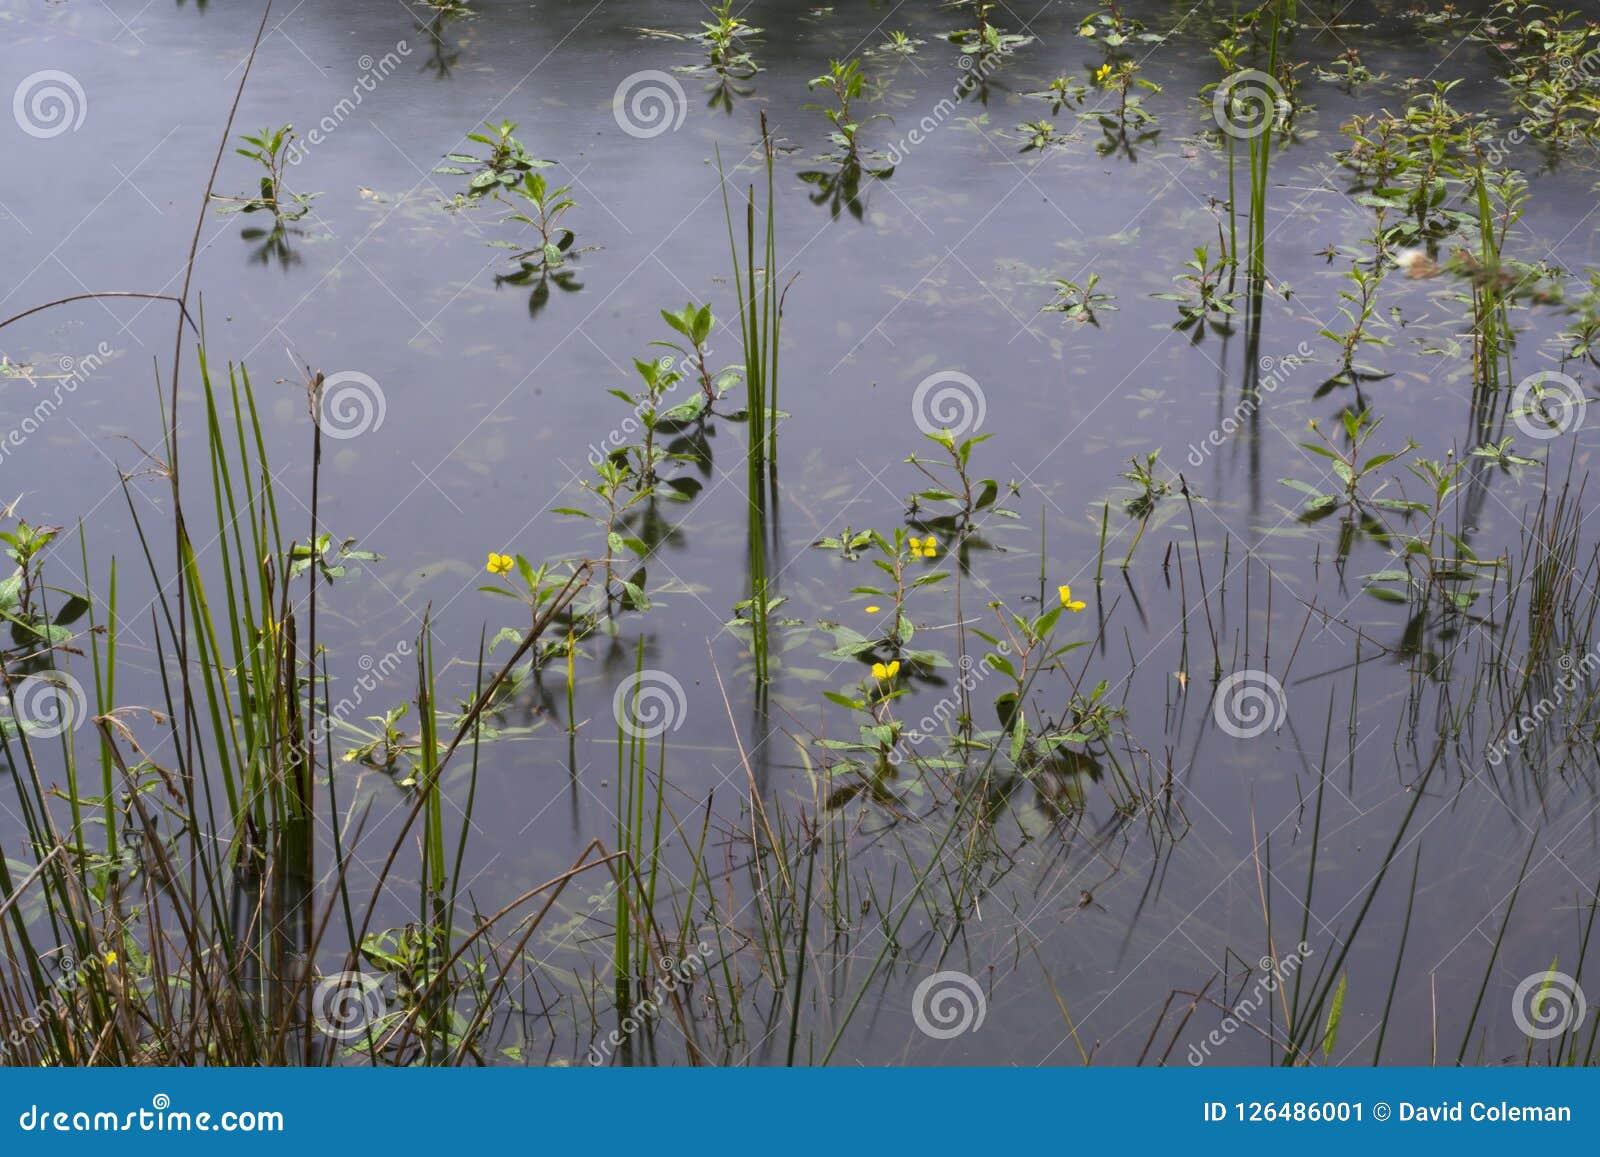 Nadwodne rośliny w deszczu